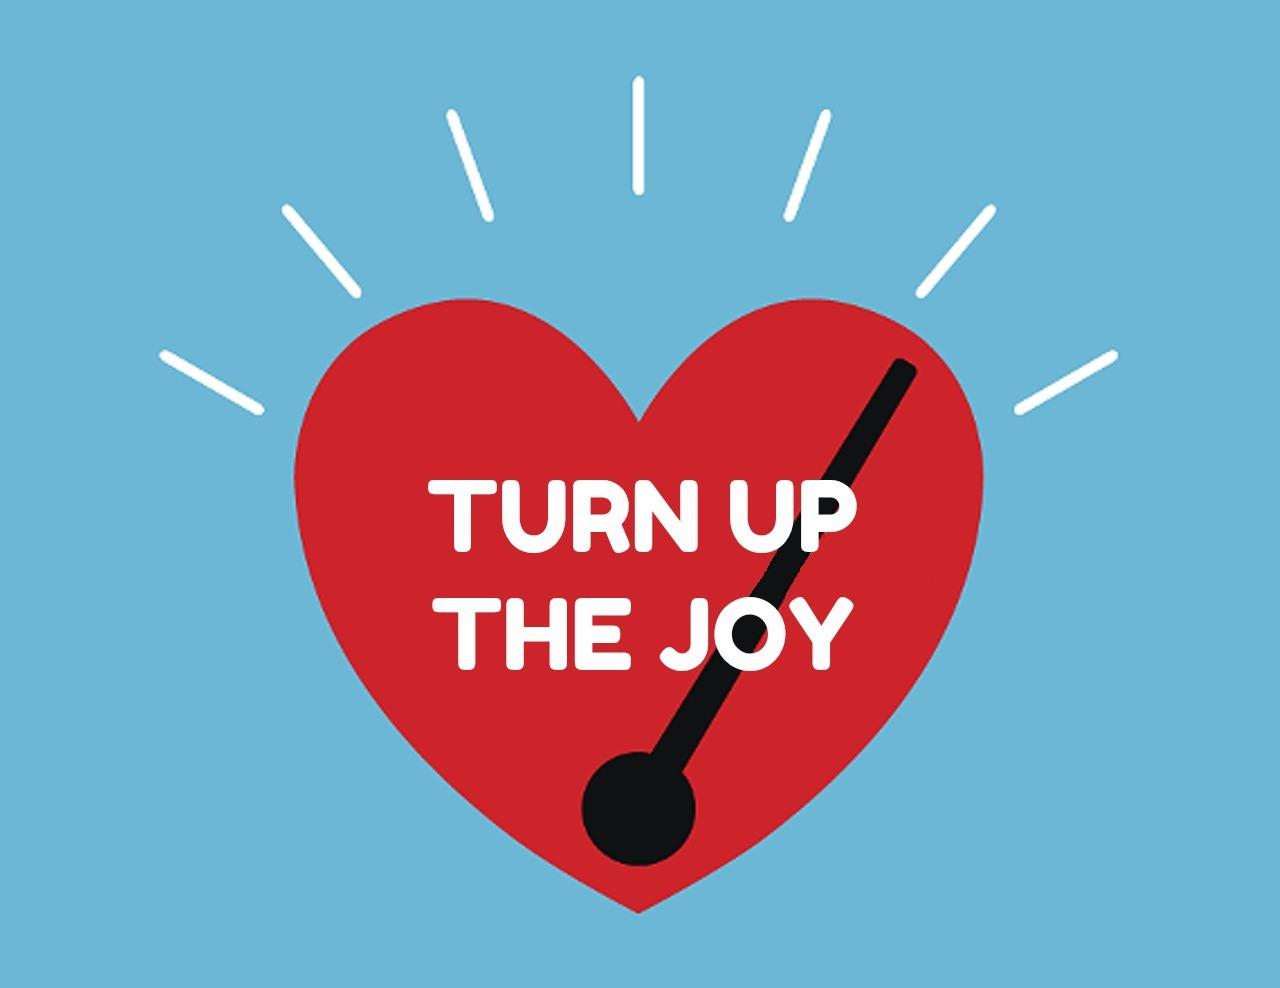 turn up the joy